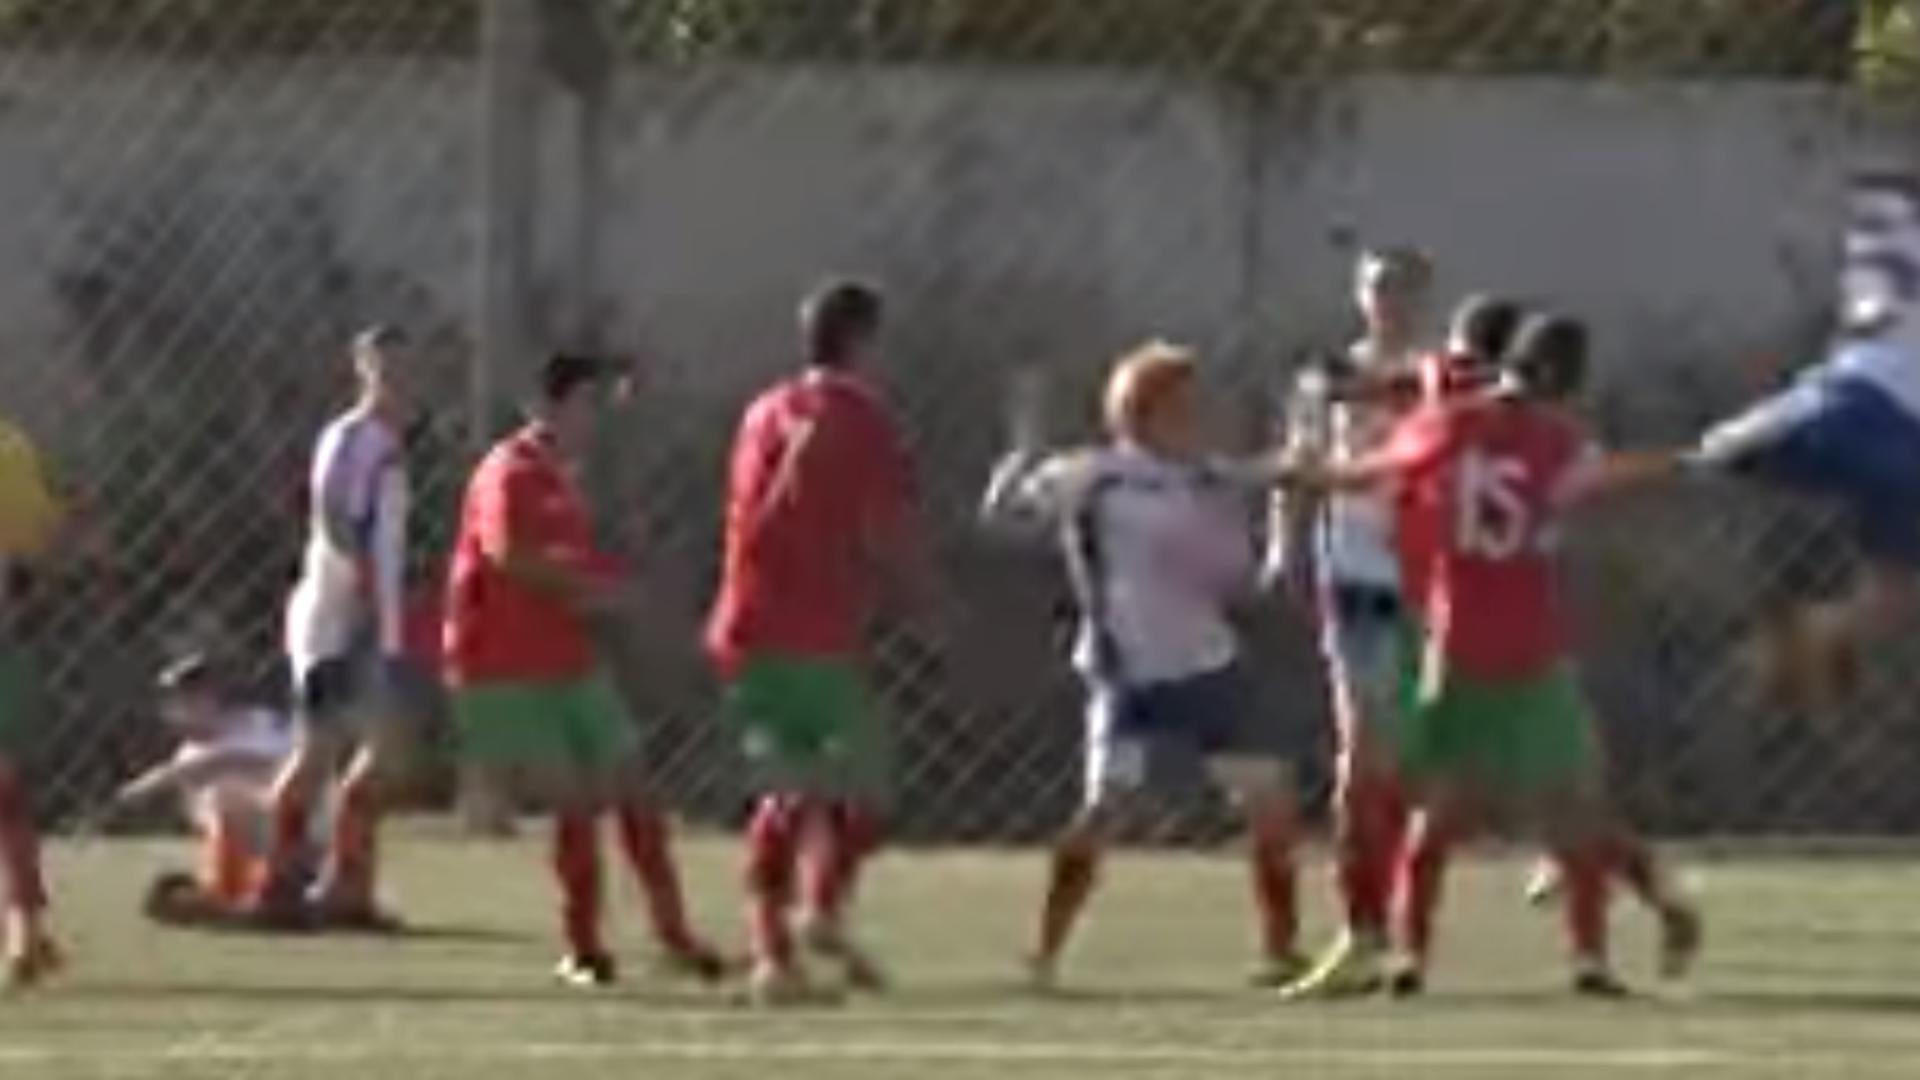 soccer-brawl-091914-ftr-getty.png